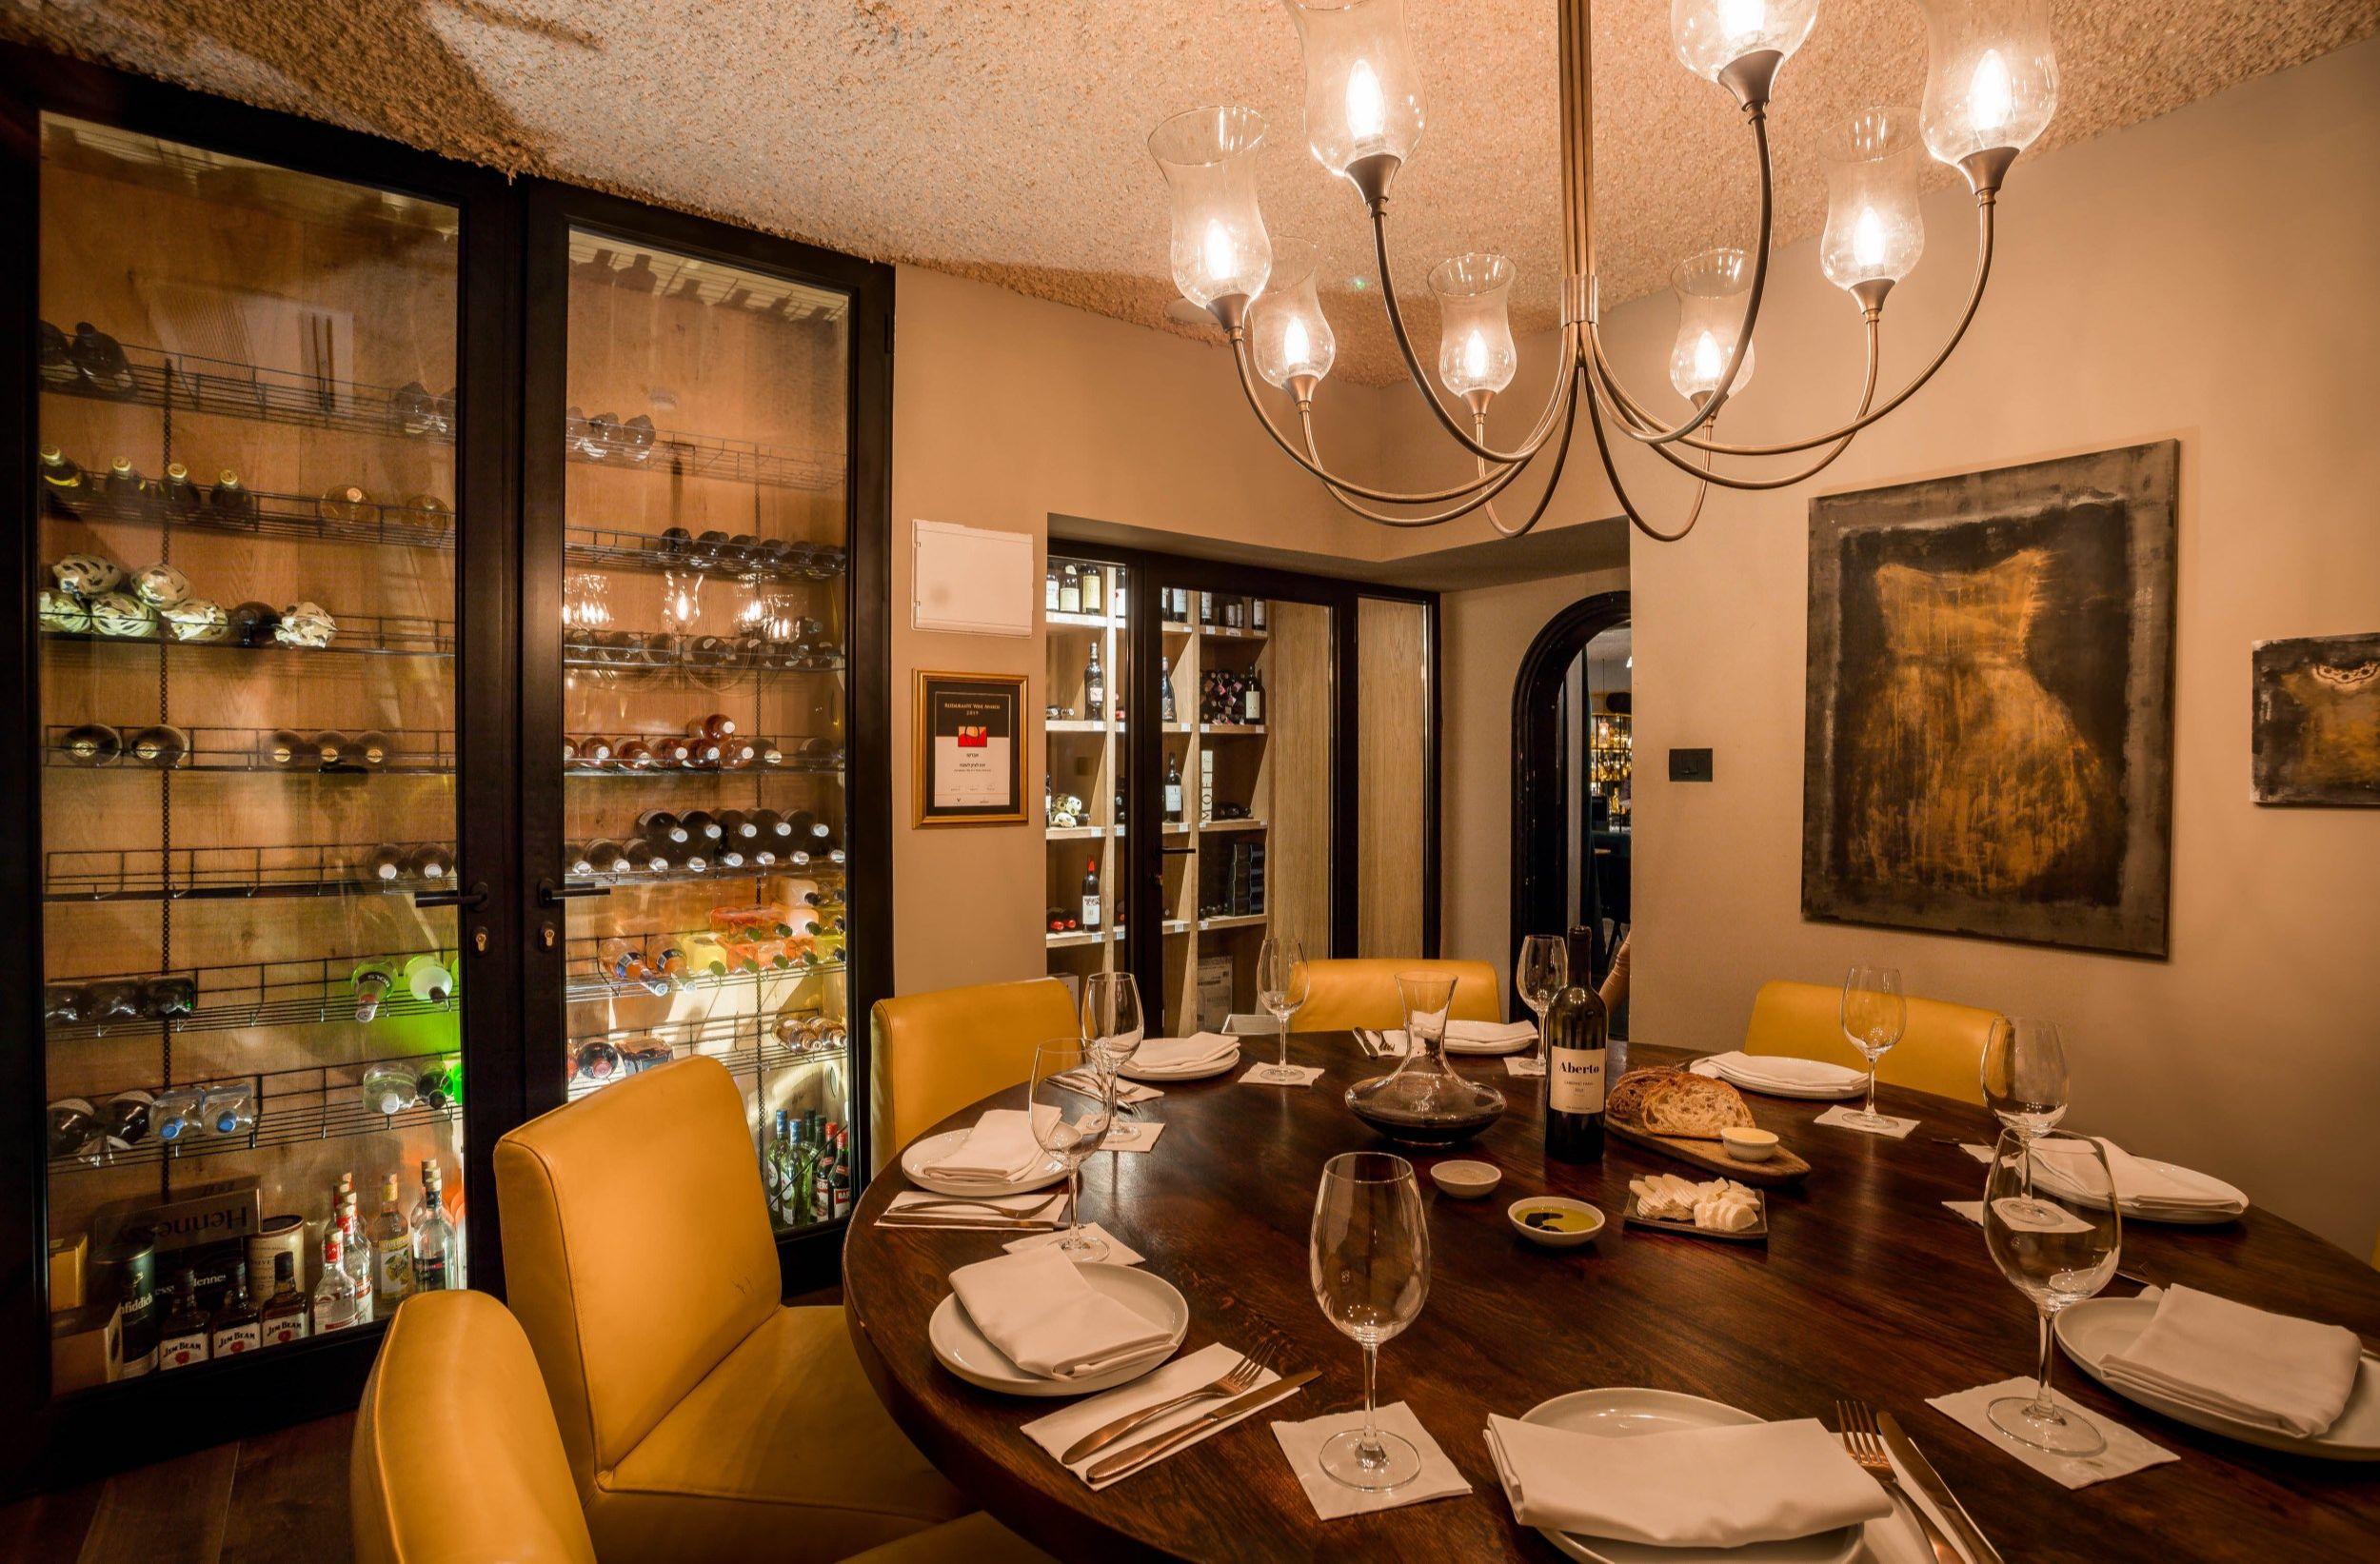 מלון ליר - חדר יין, חדר סיגרים וחדר